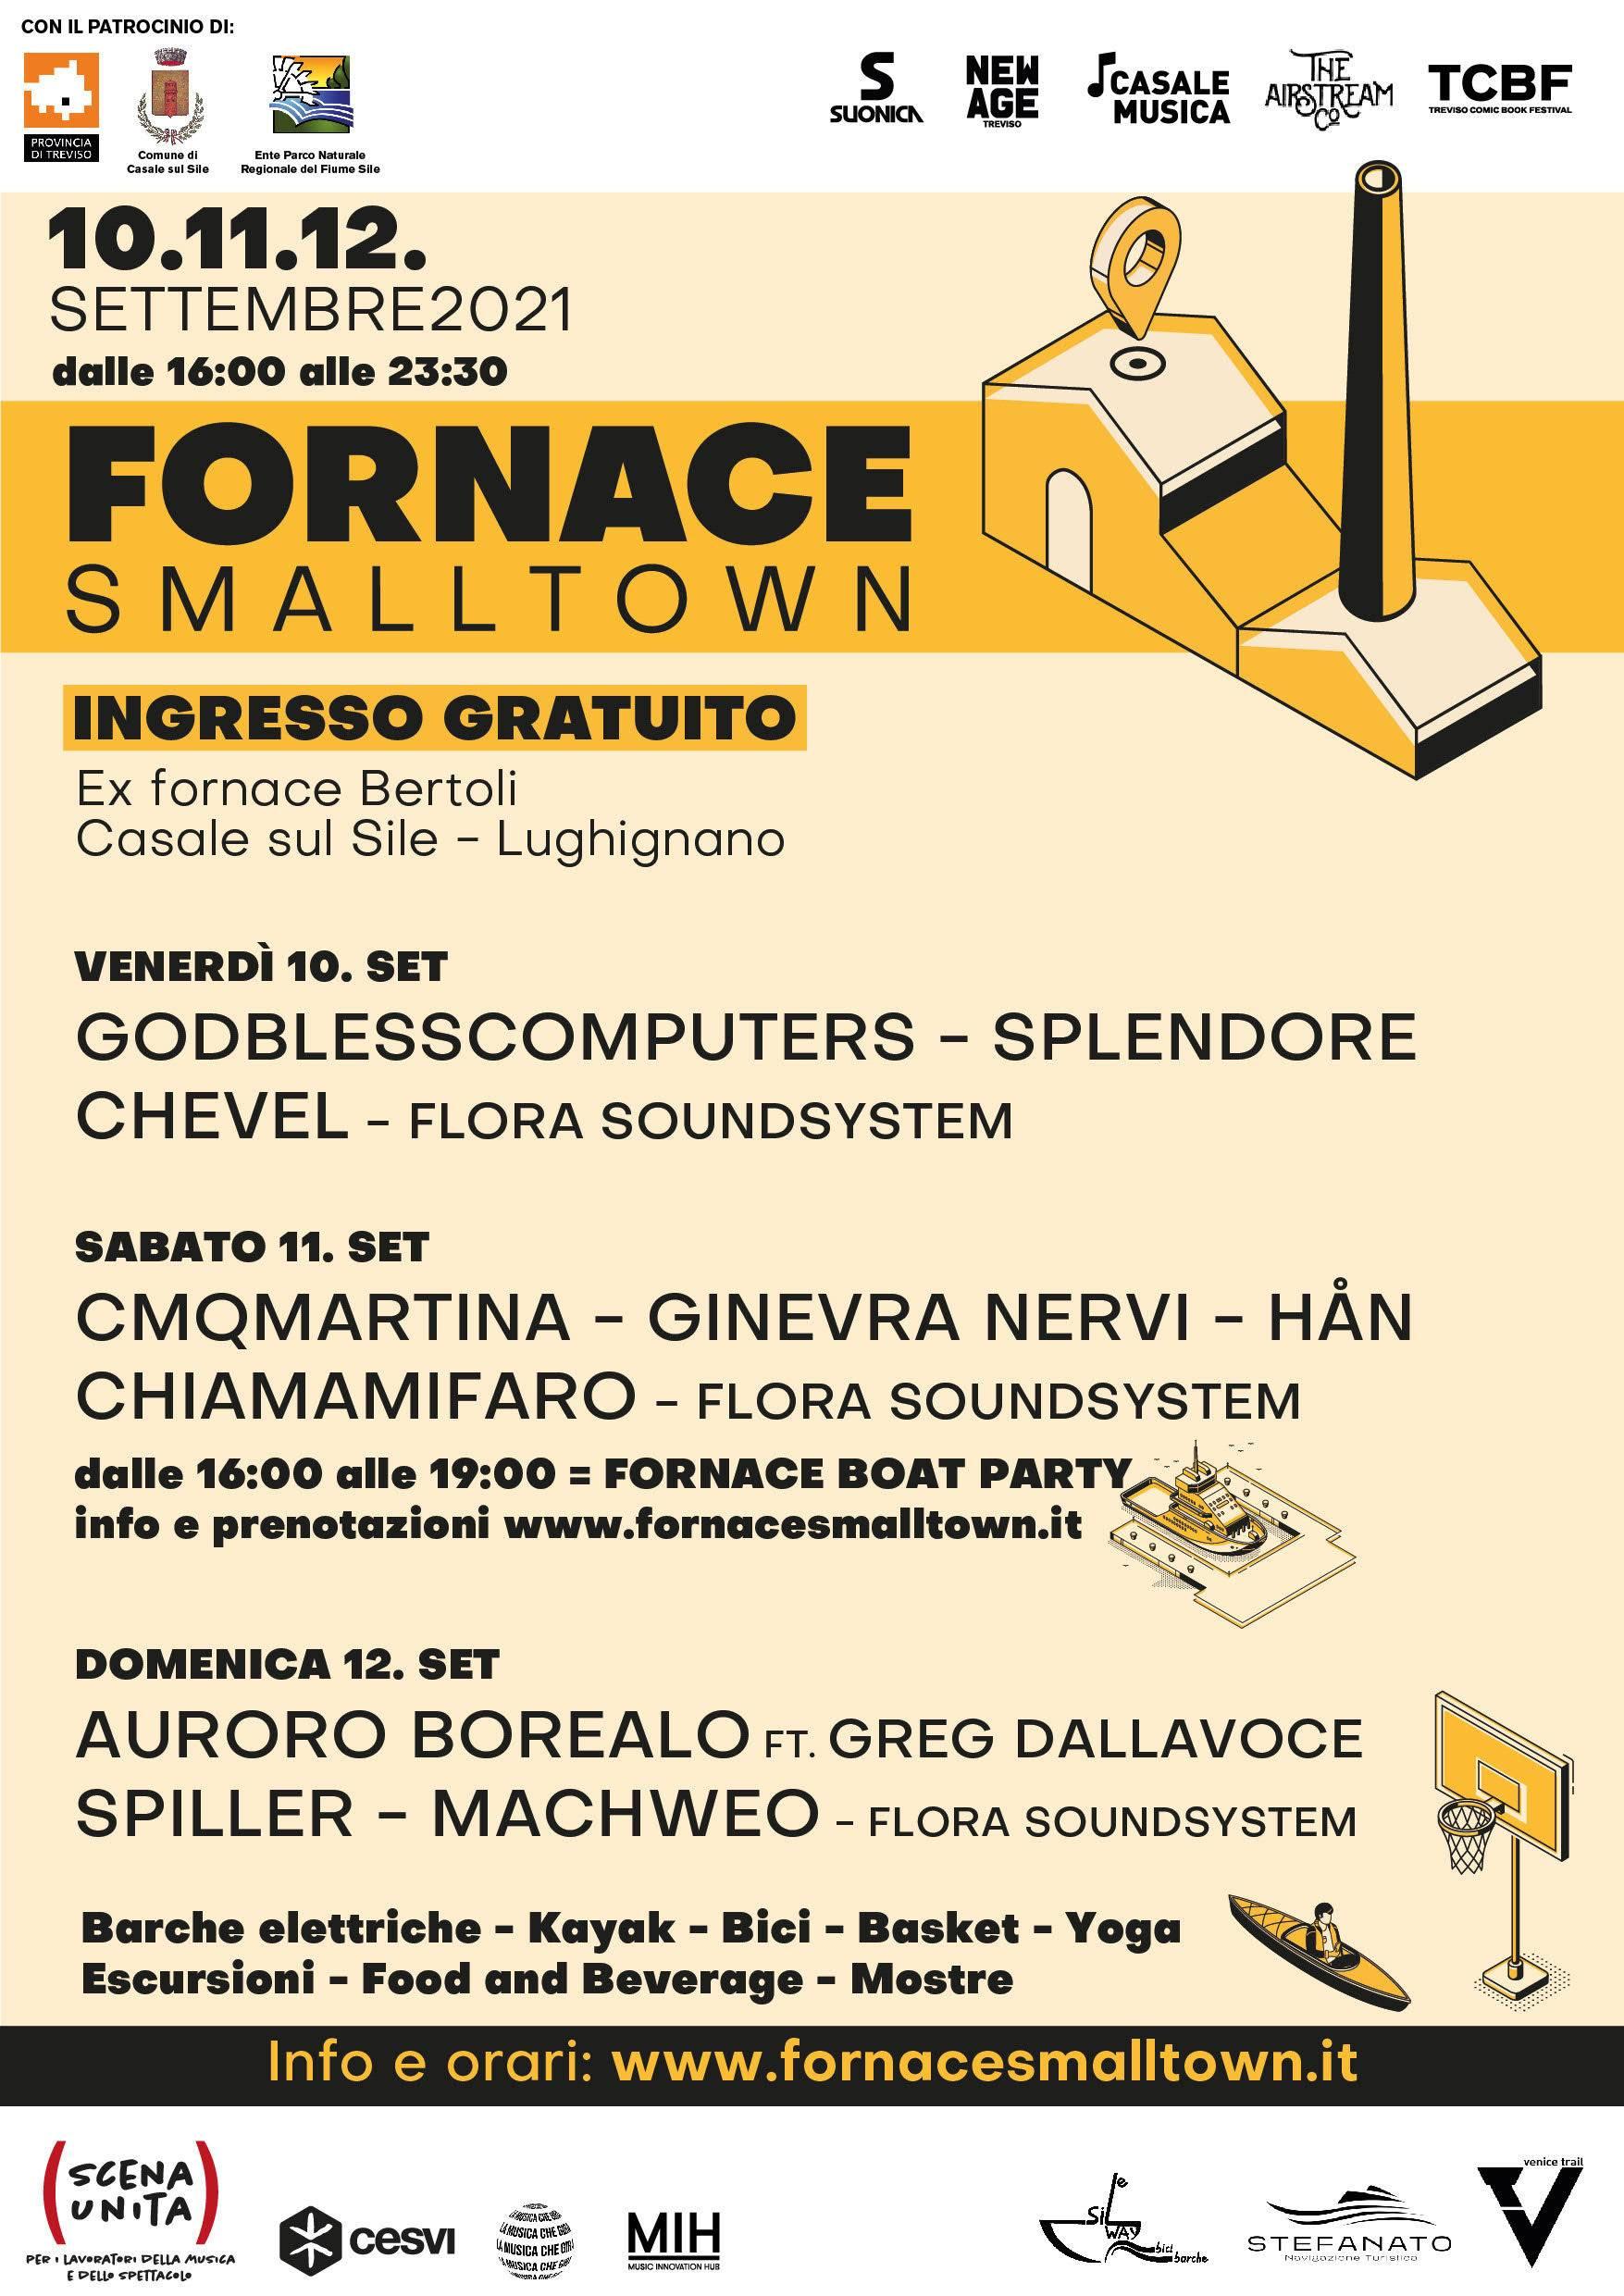 FORNACE SMALLTOWN: LA PRIMA EDIZIONE DEL FESTIVAL 10/12 SETTEMBRE, Casale sul Sile (TV)